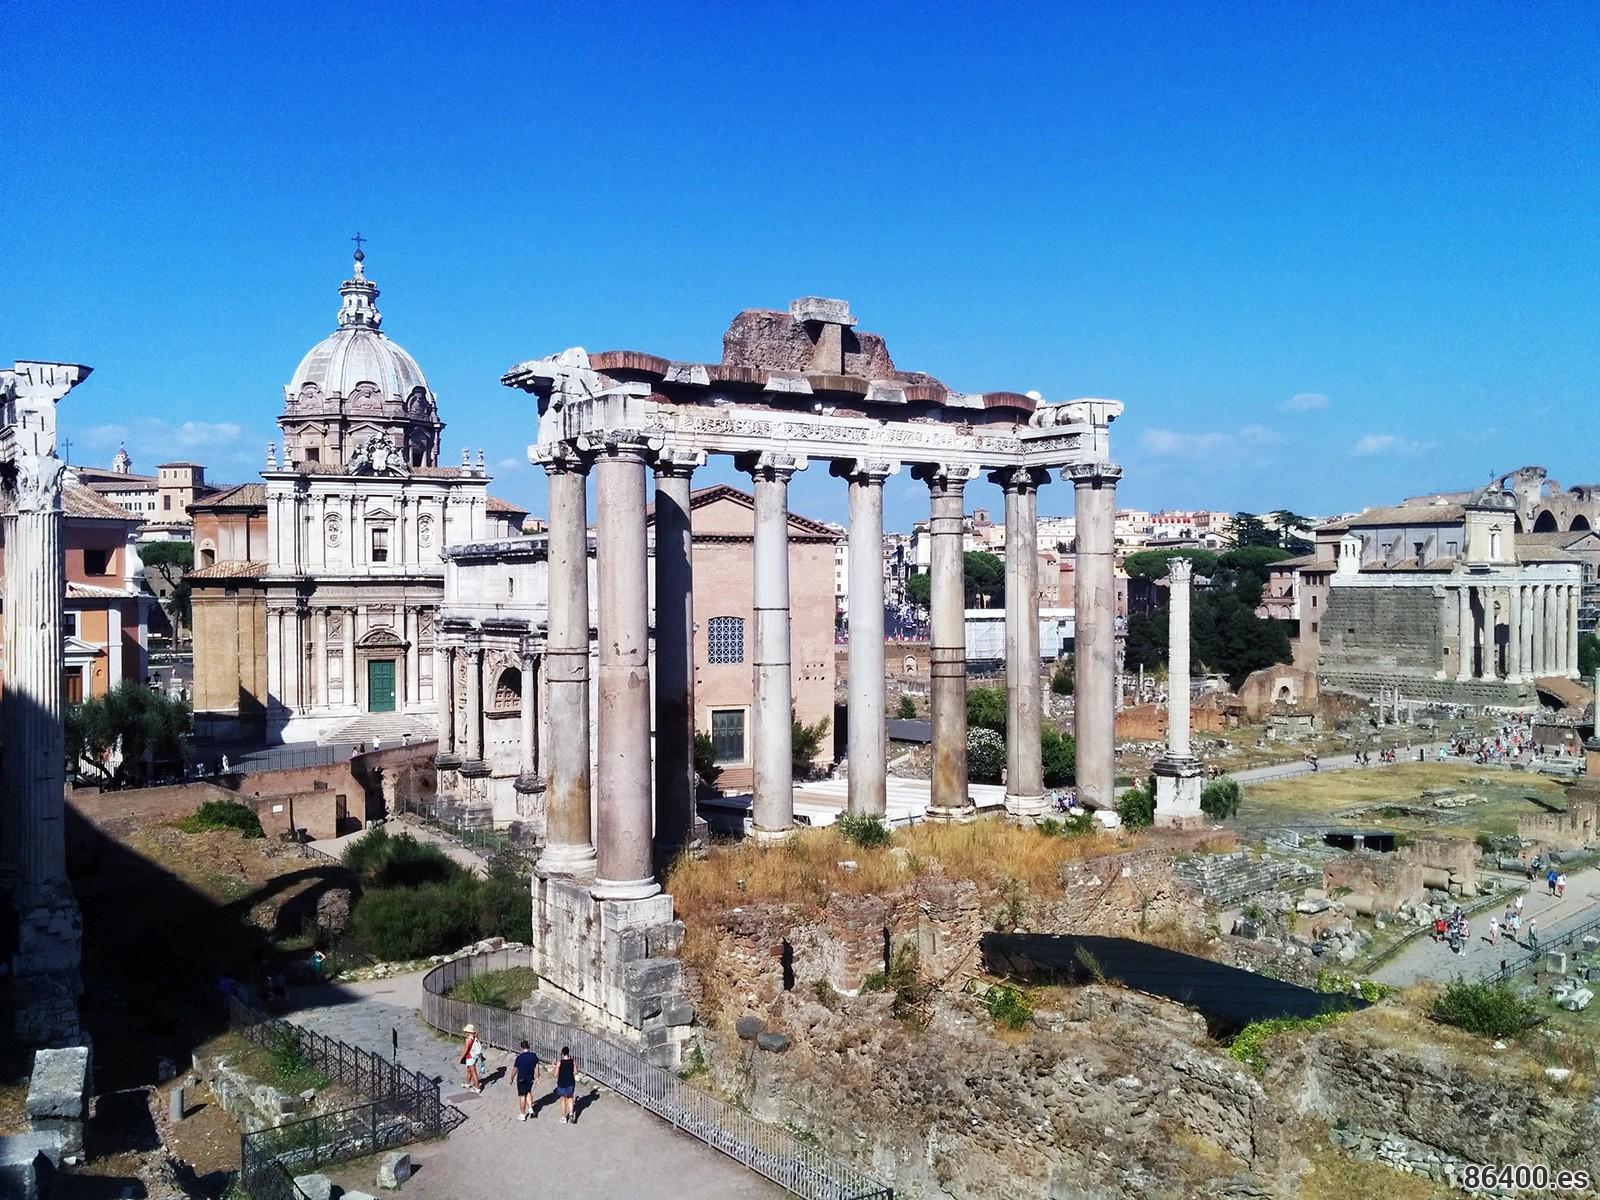 Viajes Eupacla Esta Es La Mejor Forma De Viajar Por El: Segway, La Mejor Forma De Conocer Roma